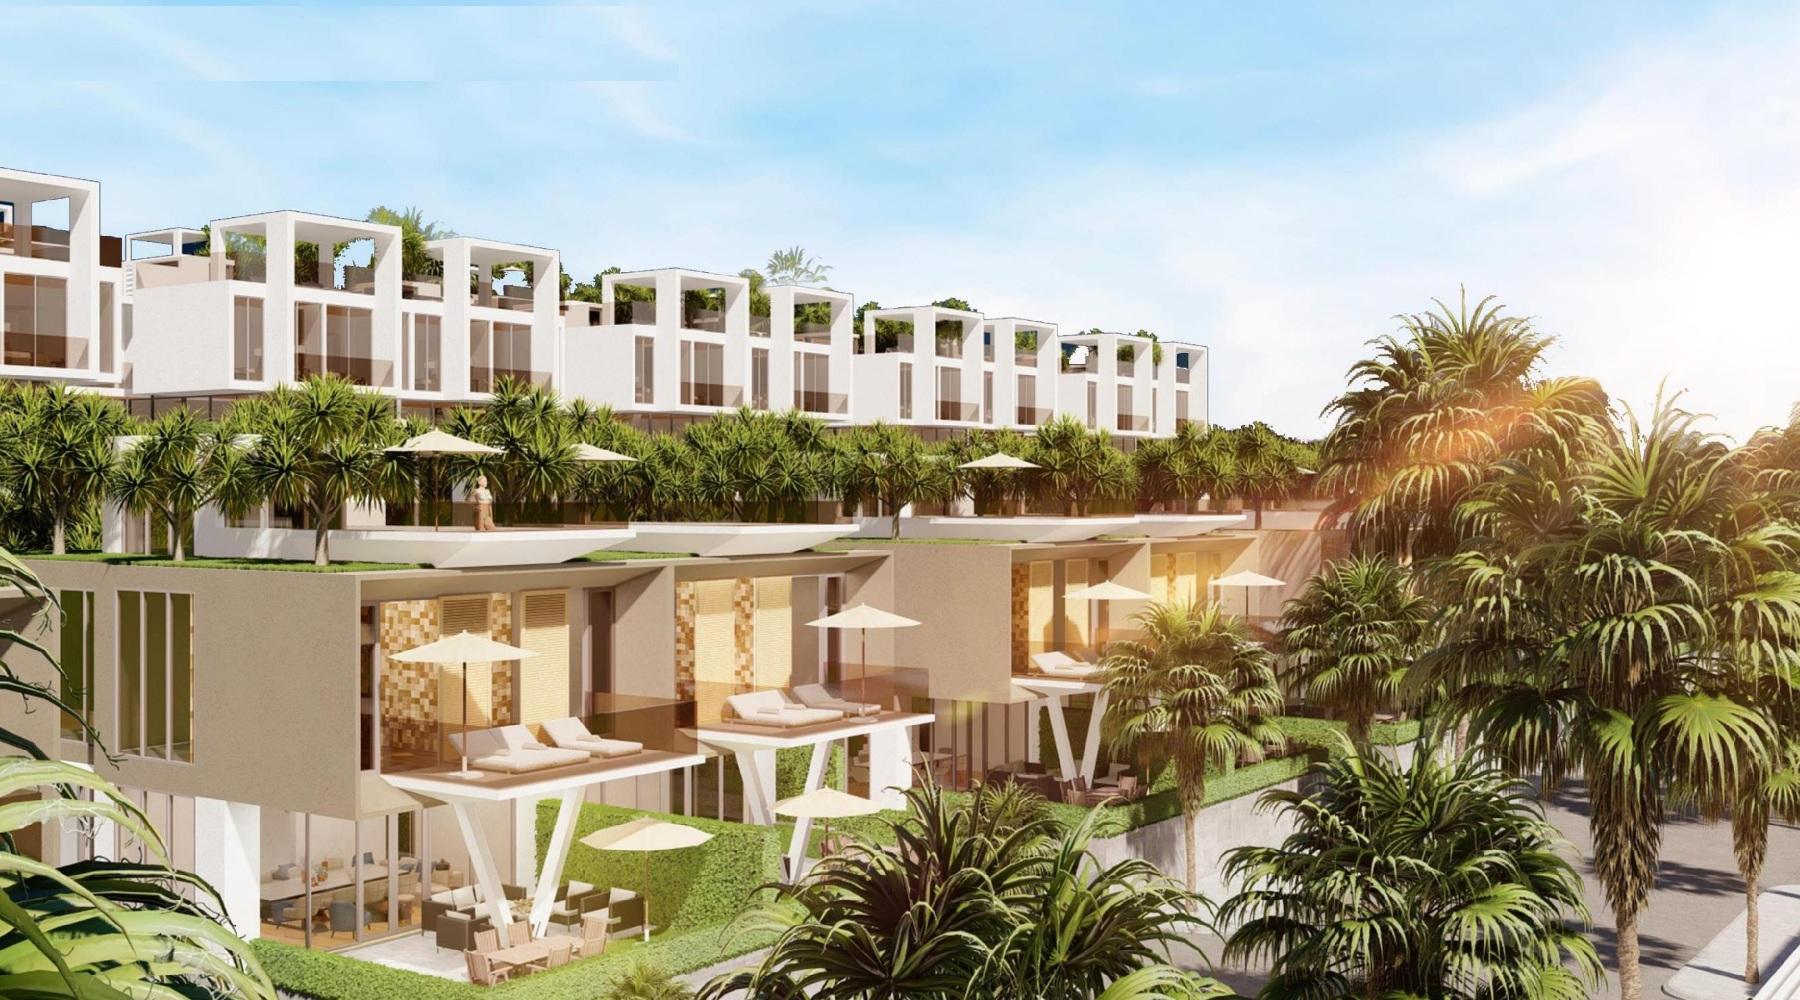 Chủ nhân biệt thự Waikiki Novaworld Phan Thiết sẽ